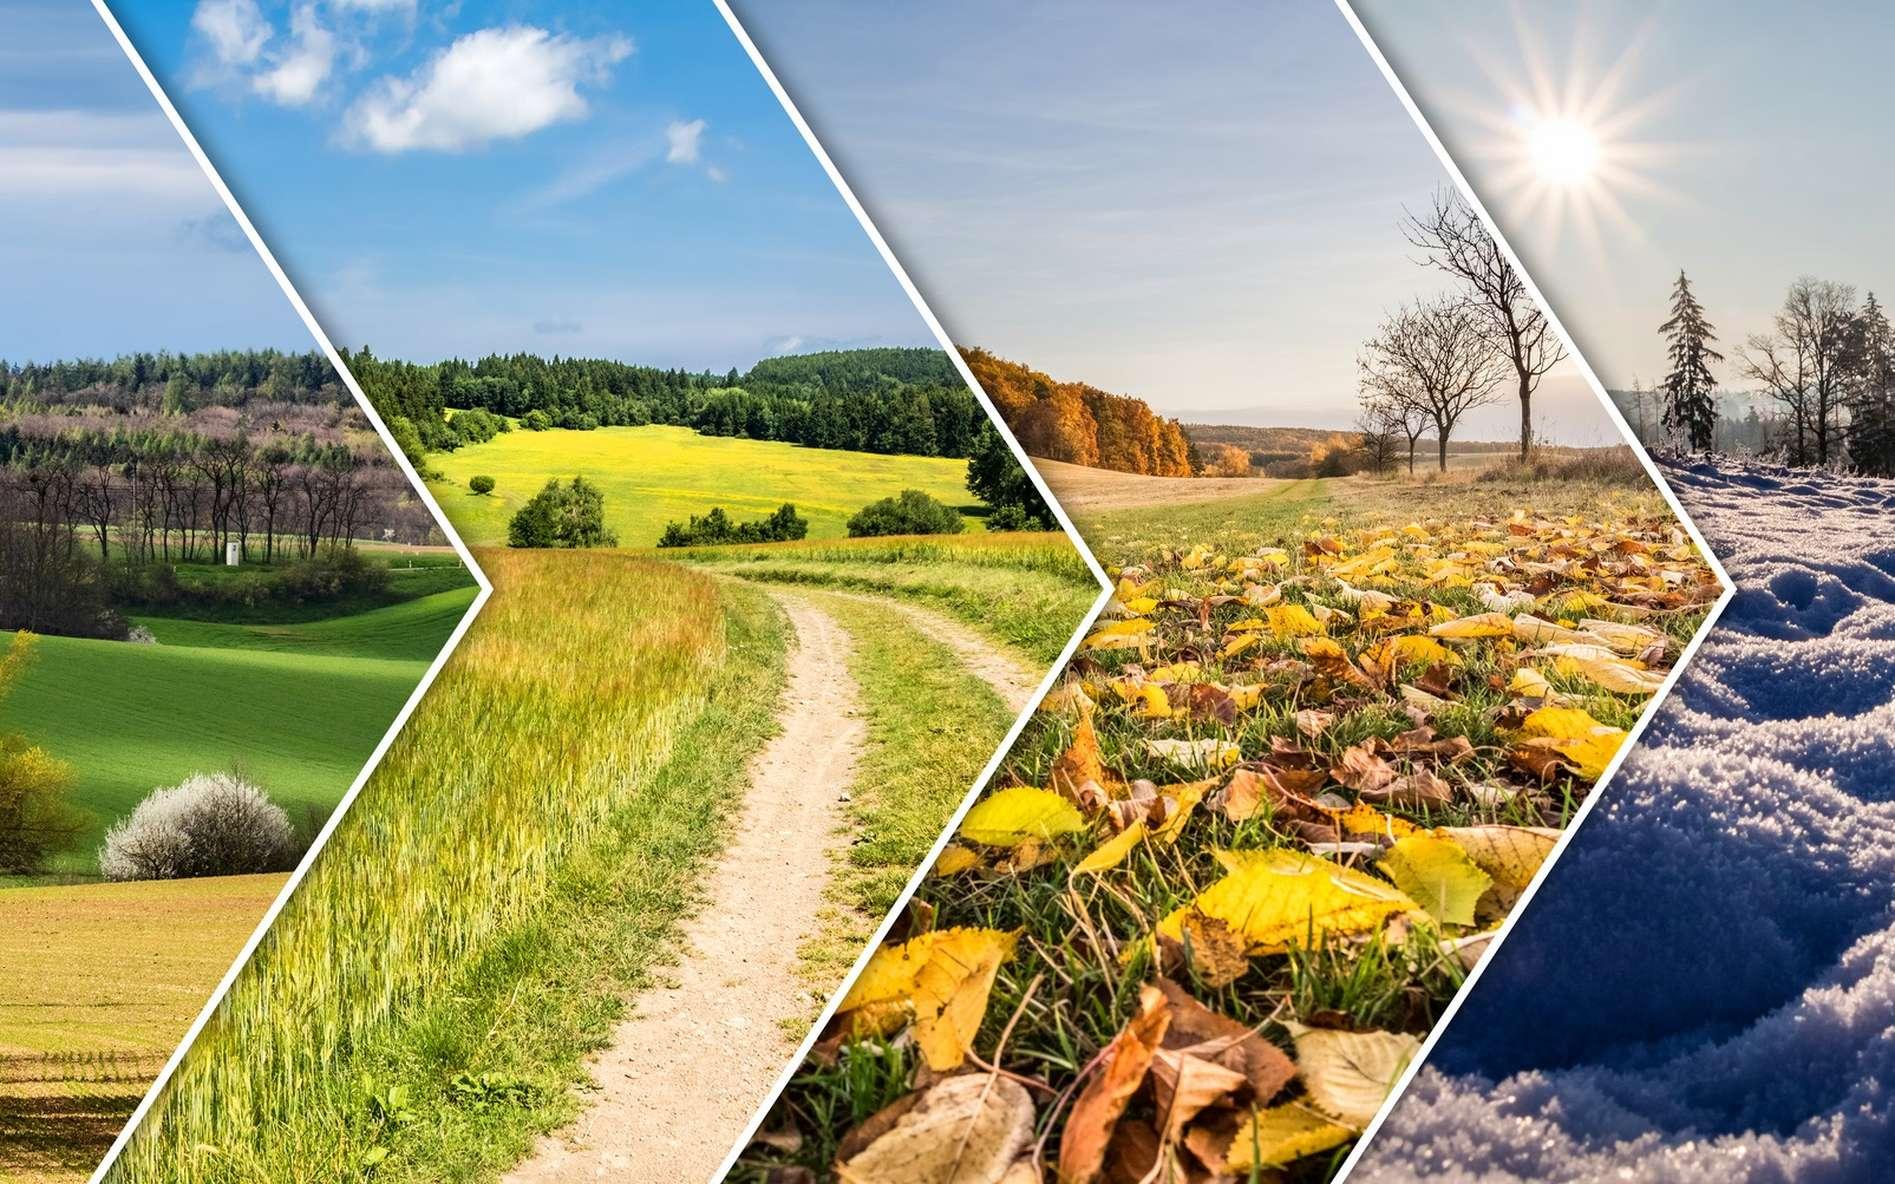 Une saison correspond à un quart de l'année délimité par un solstice et une équinoxe. © Jaroslav Machacek, Fotolia